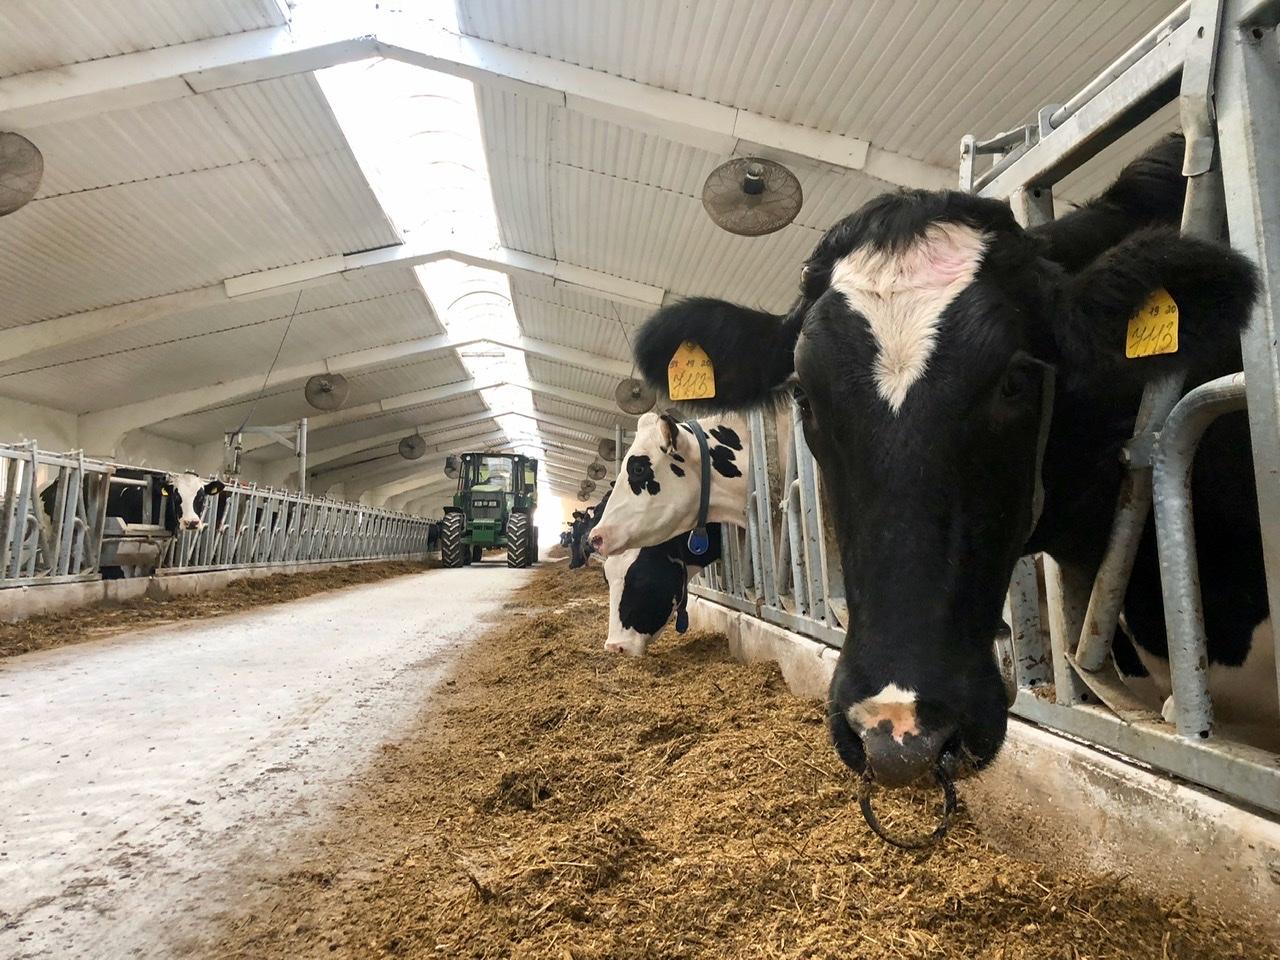 крс, коровы, молочная ферма, сельское хозяйство, экономика